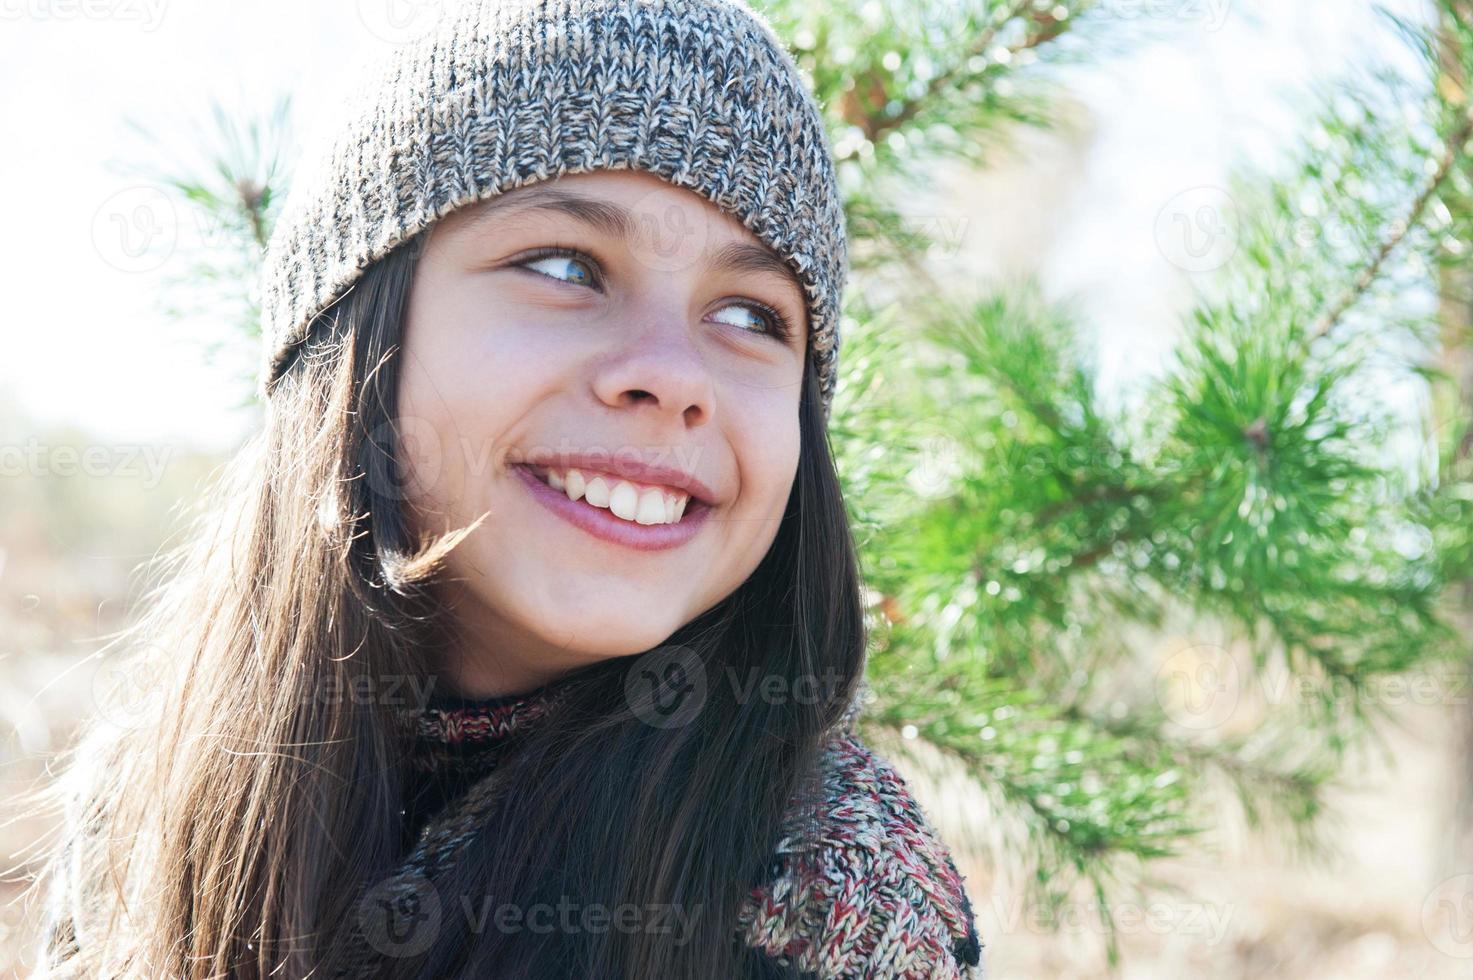 ragazza adolescente in un cappello foto